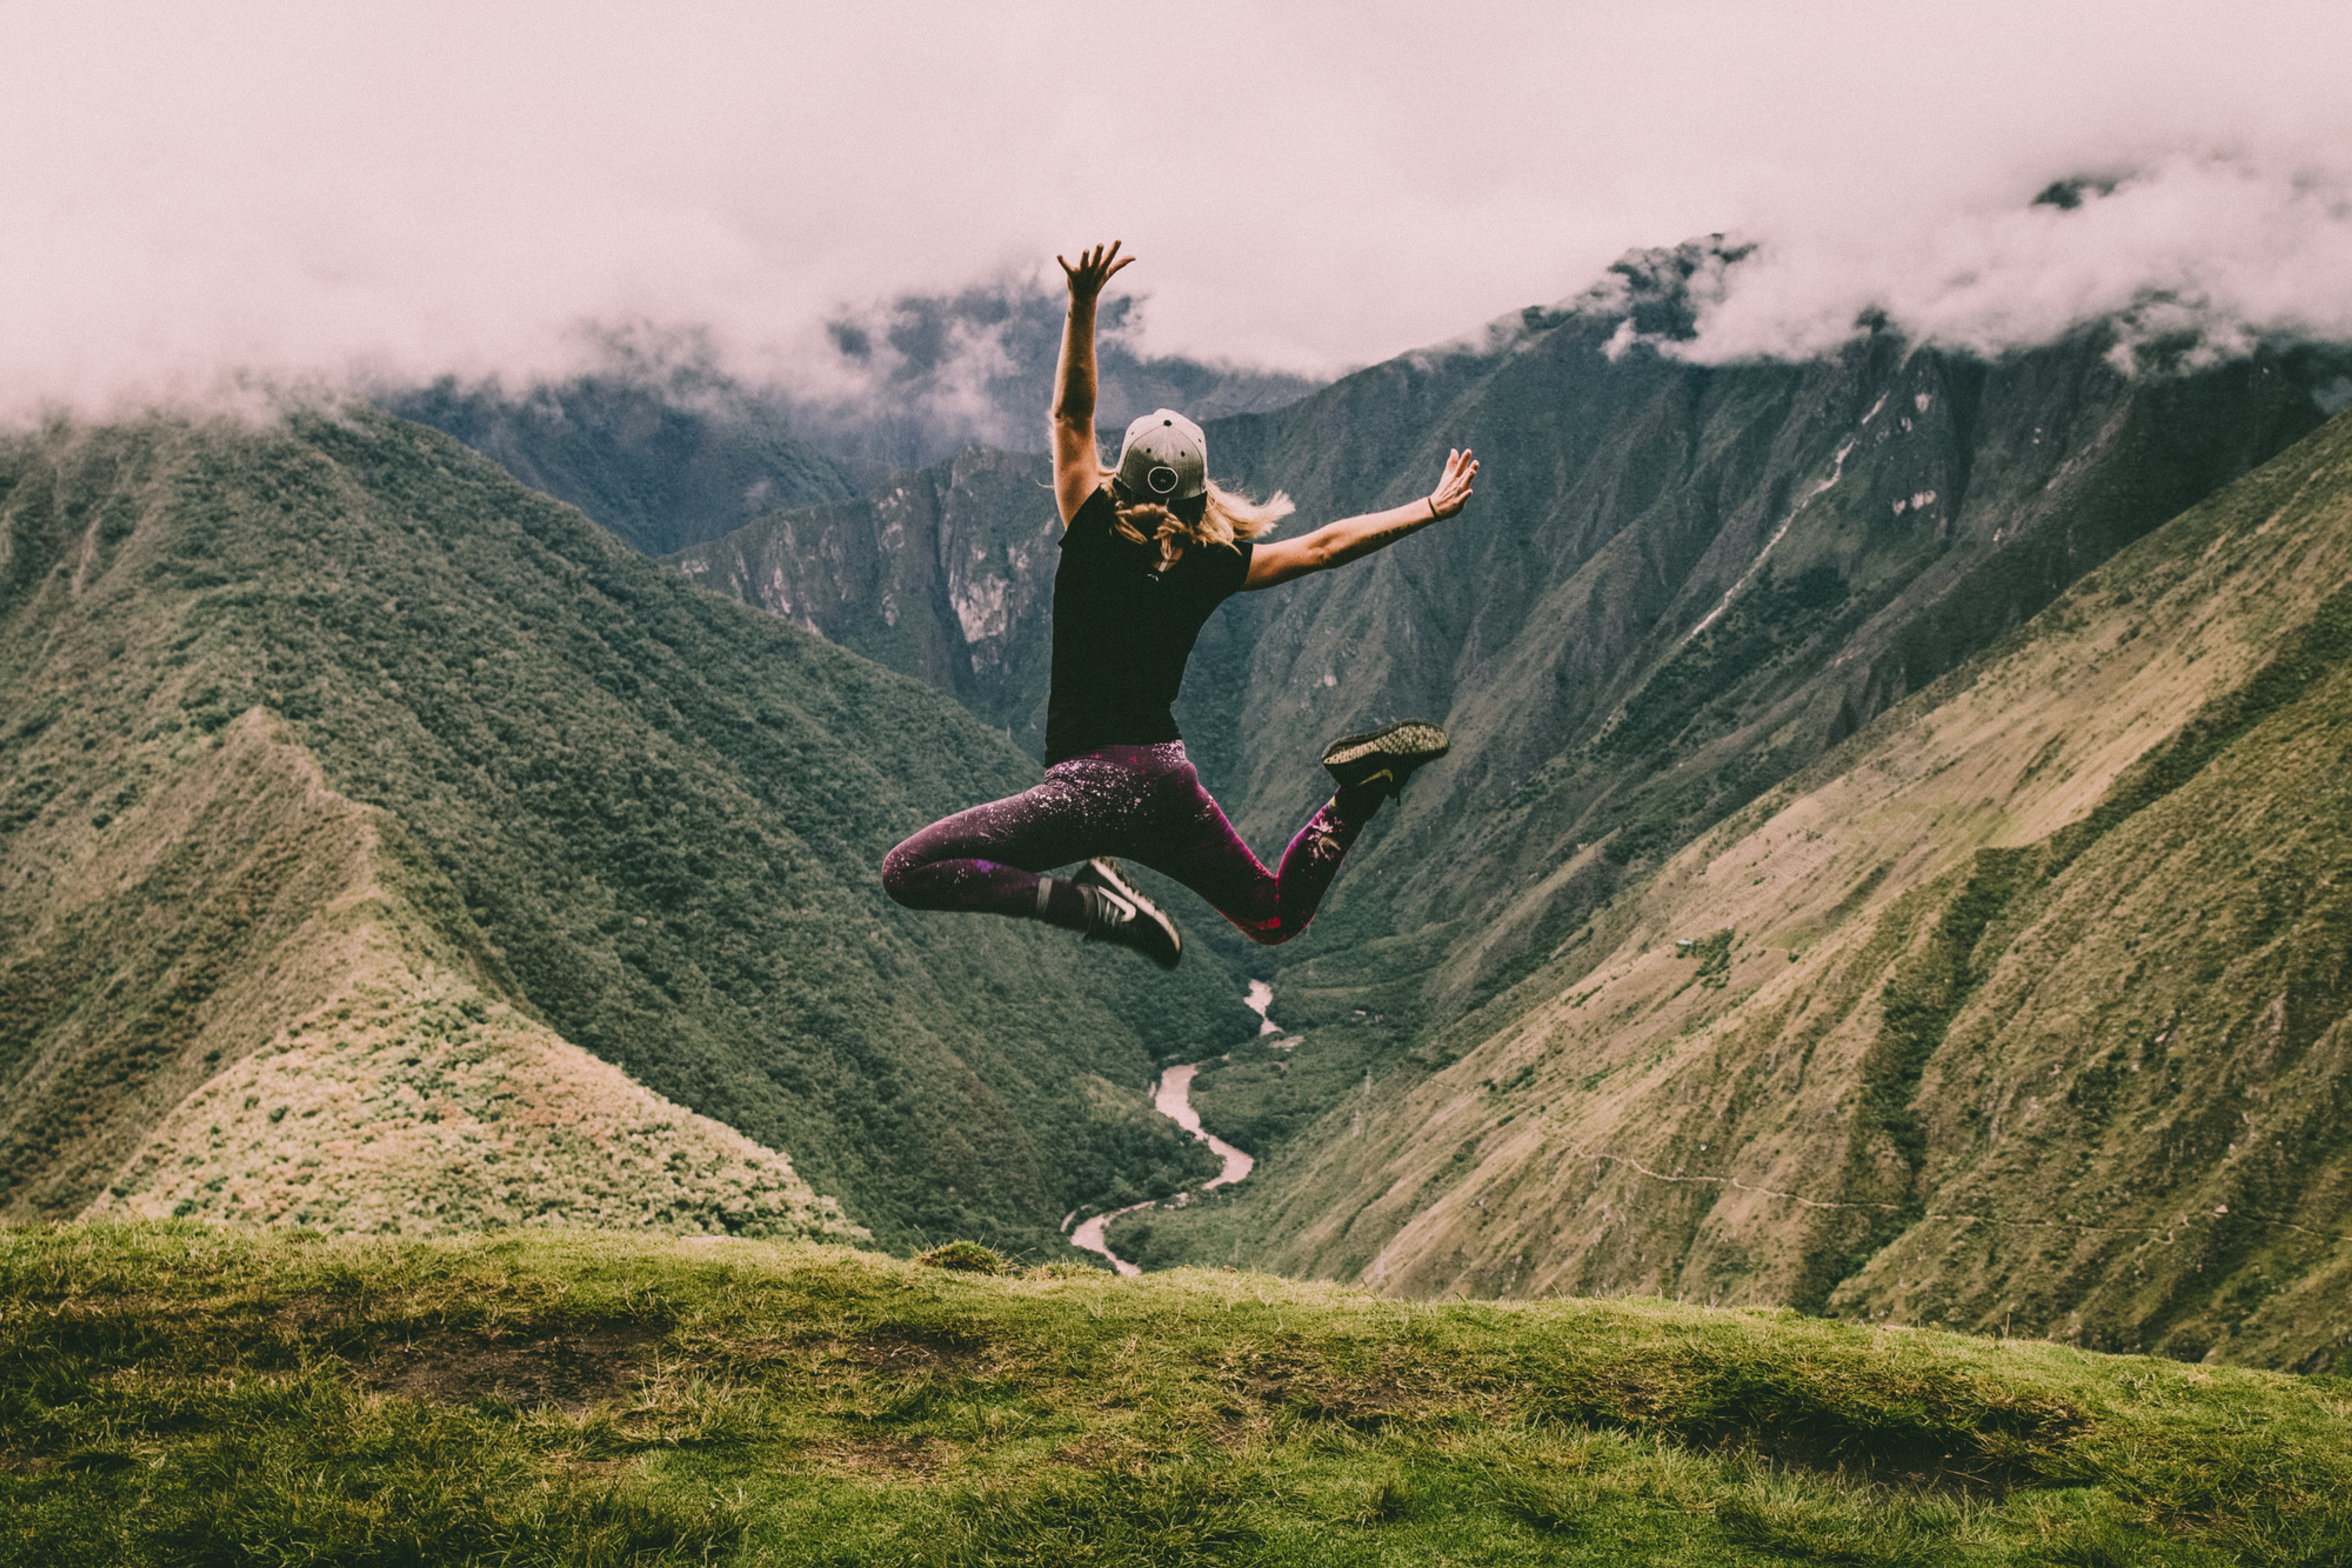 Achieving Success Through Joy